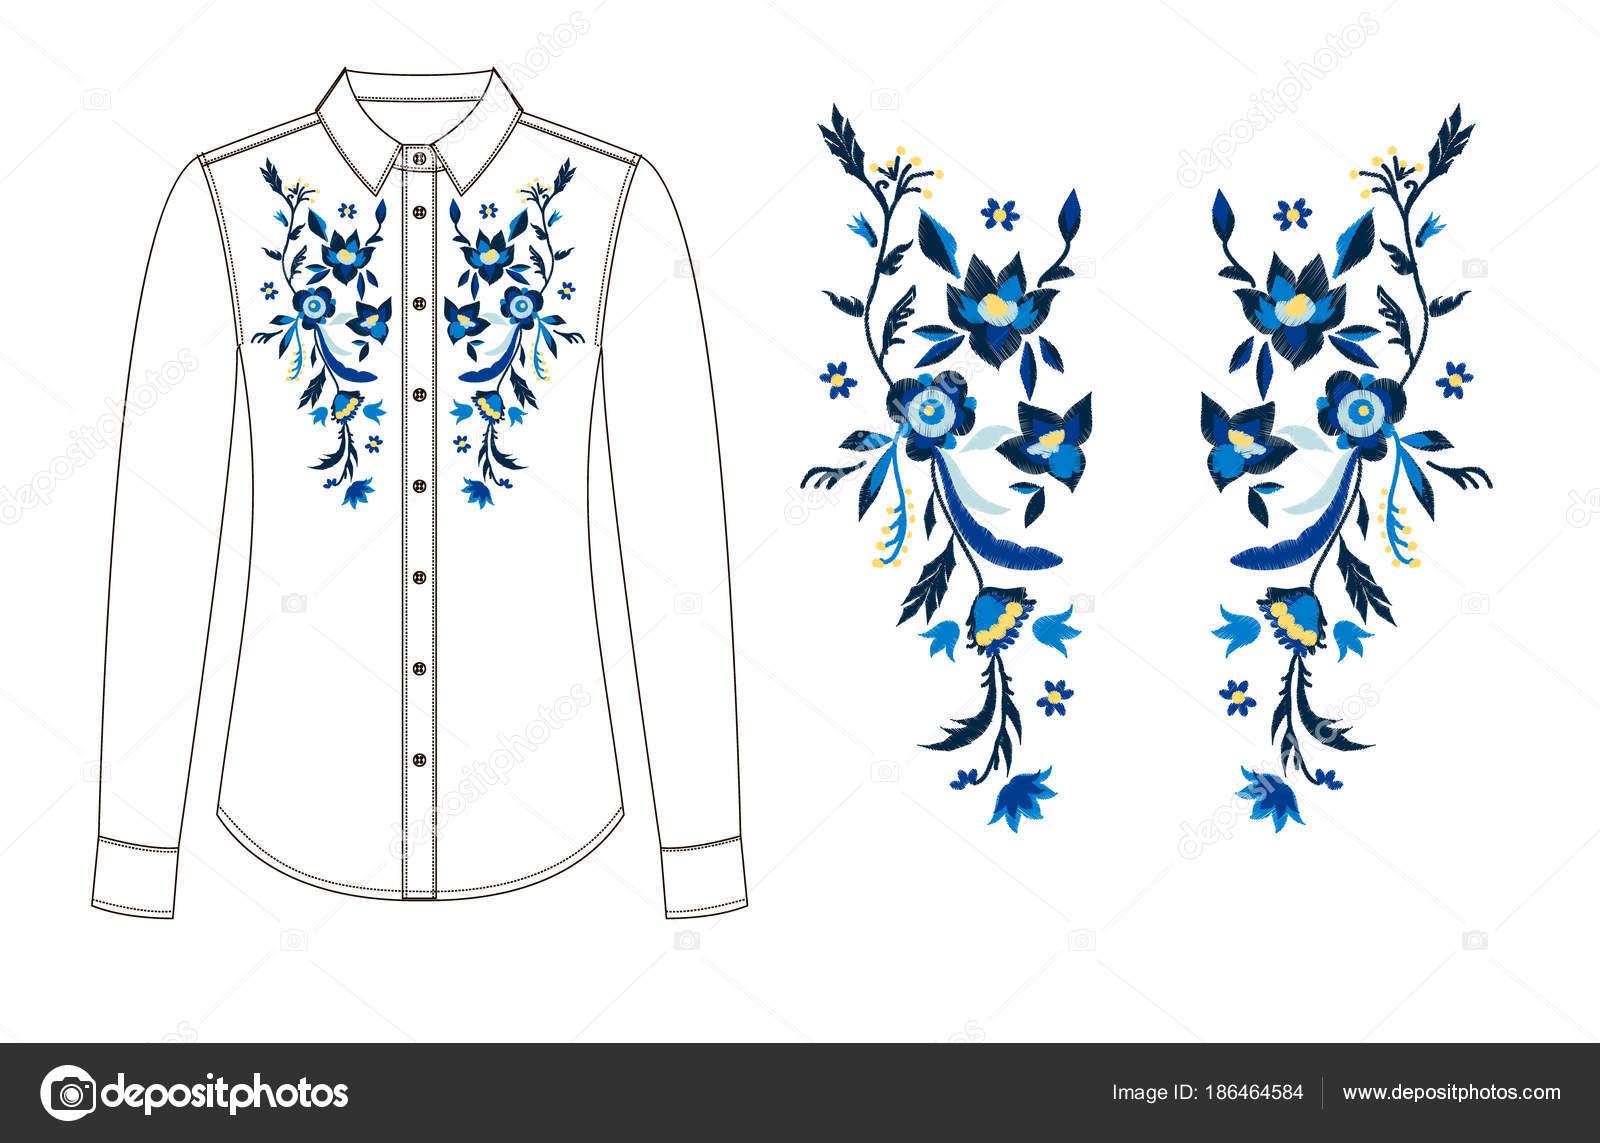 Dibujos: para bordados de blusas | dibujo de piezas de la blusa con ...